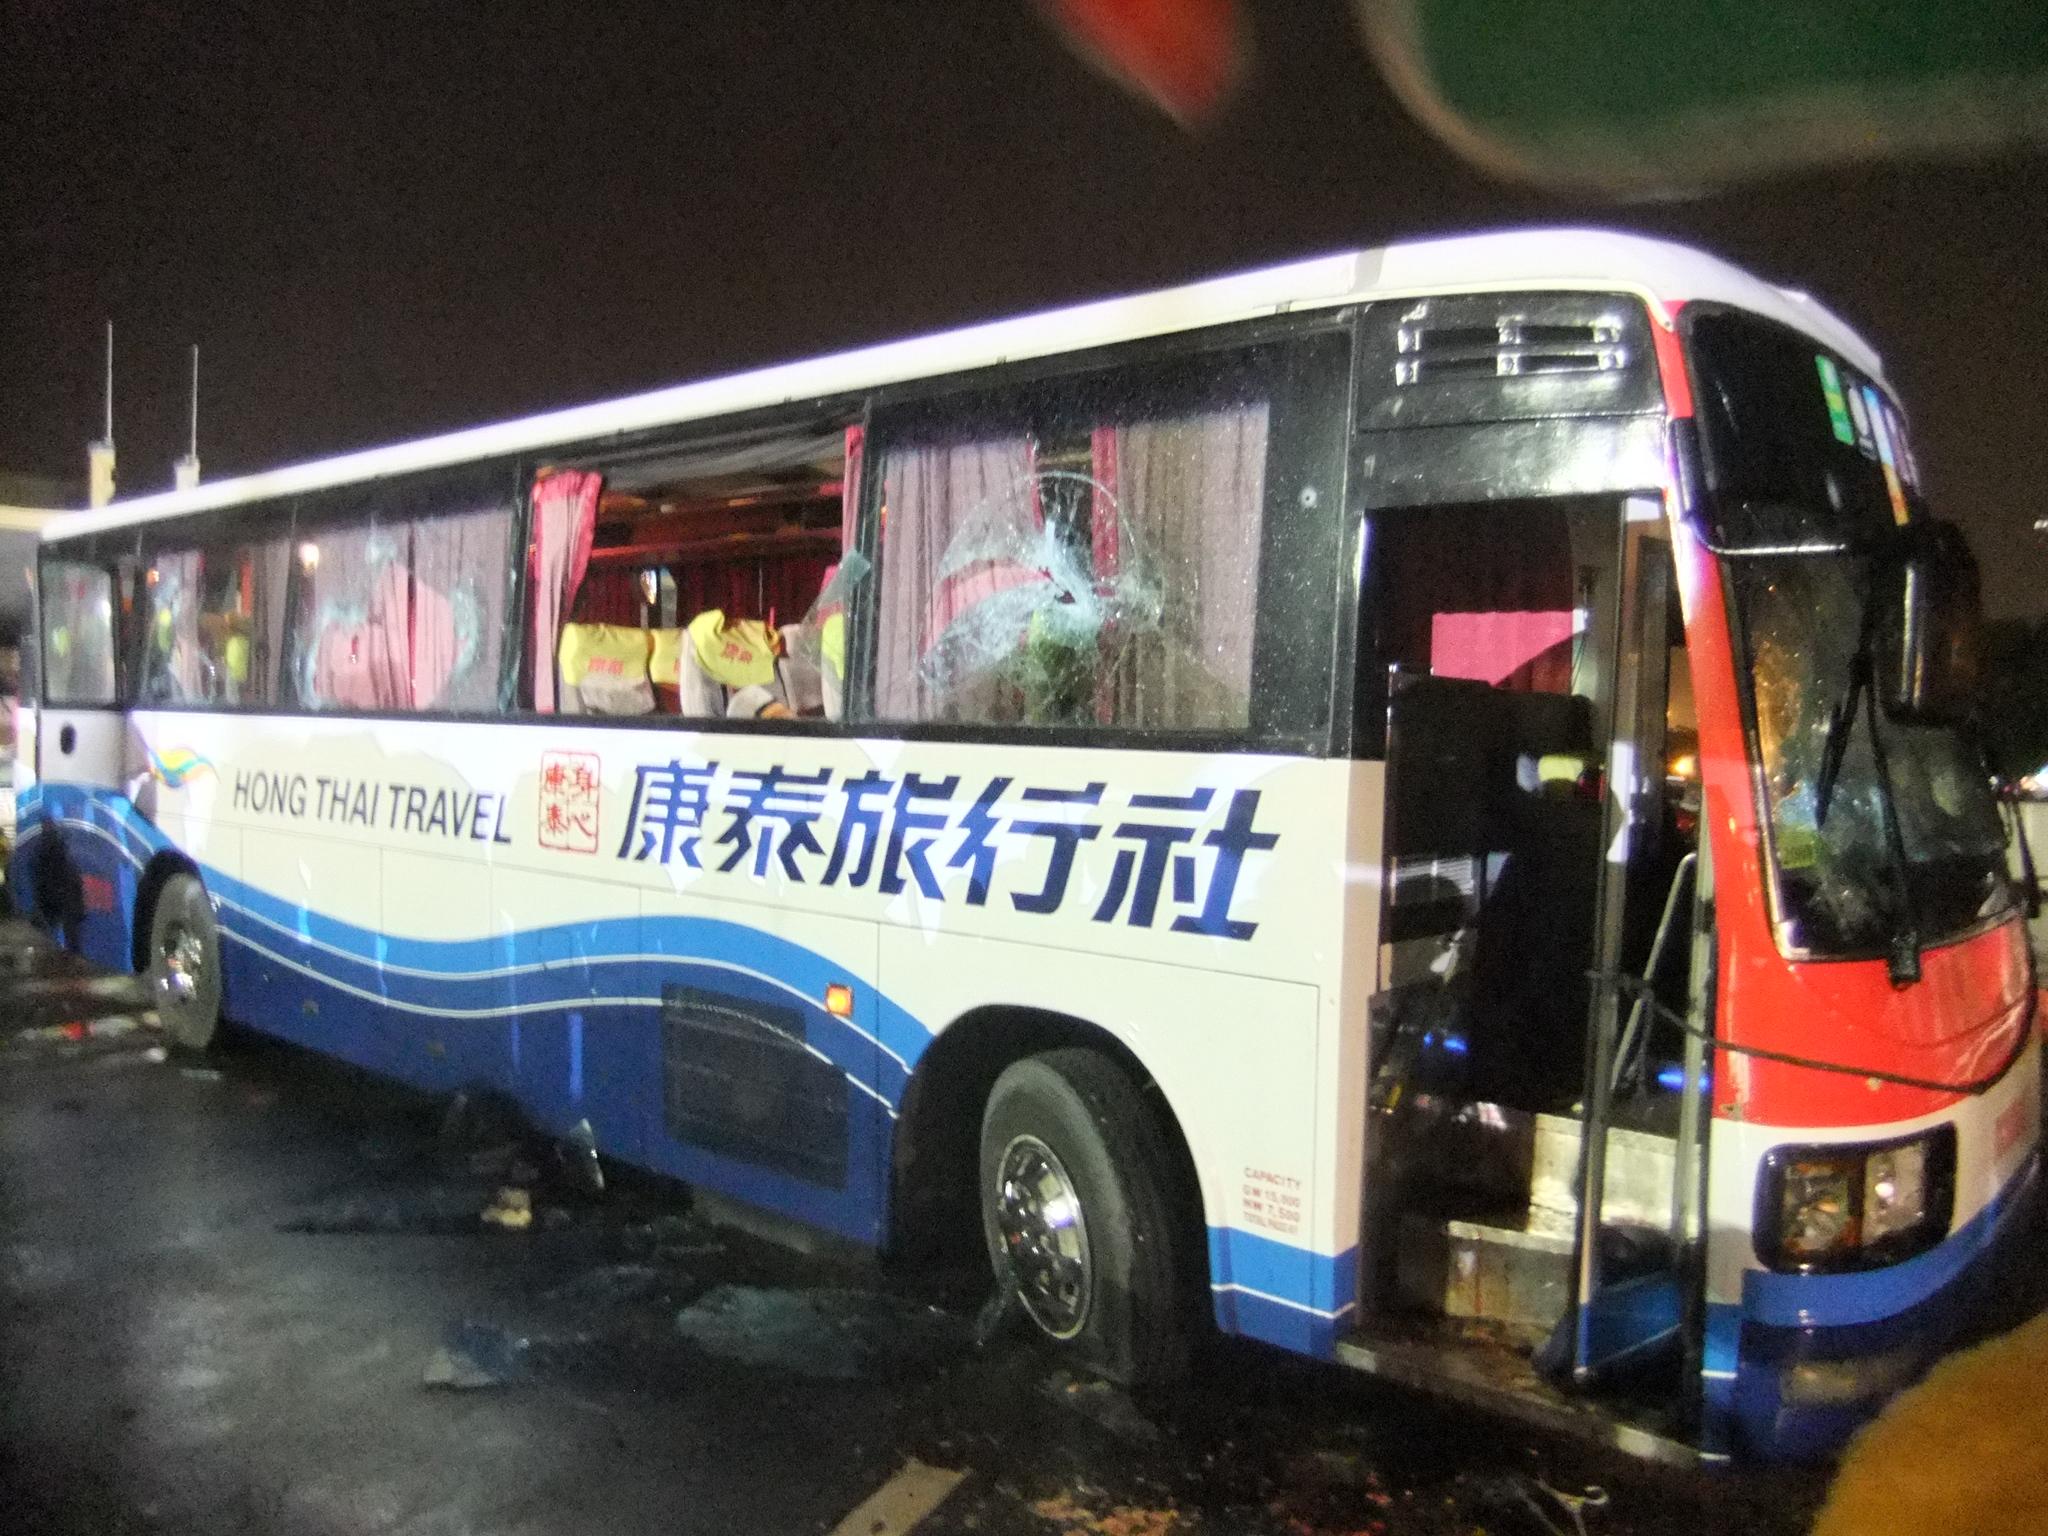 馬尼拉前警員劫持香港旅行團事件